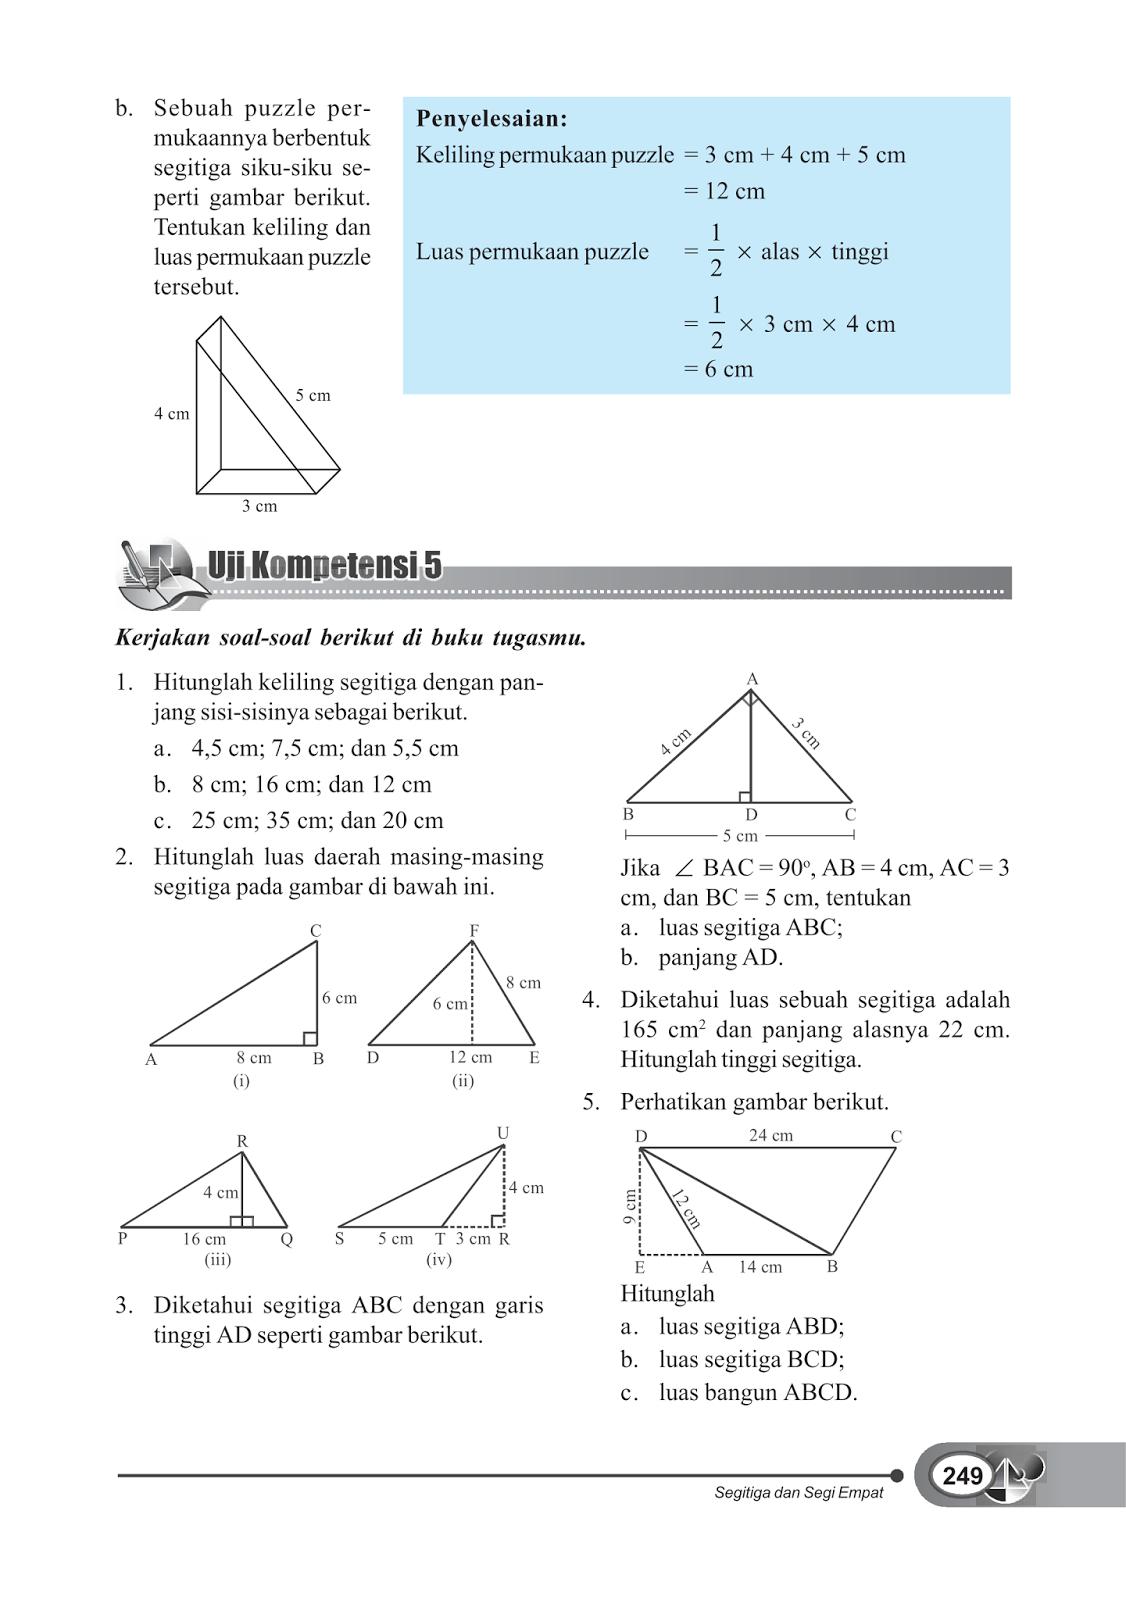 Rpp Matematika Smp Kelas 7 Garis Dan Sudut Rpp Matematika Smp Kelas 7 Garis Dan Sudut Ppt Sudut